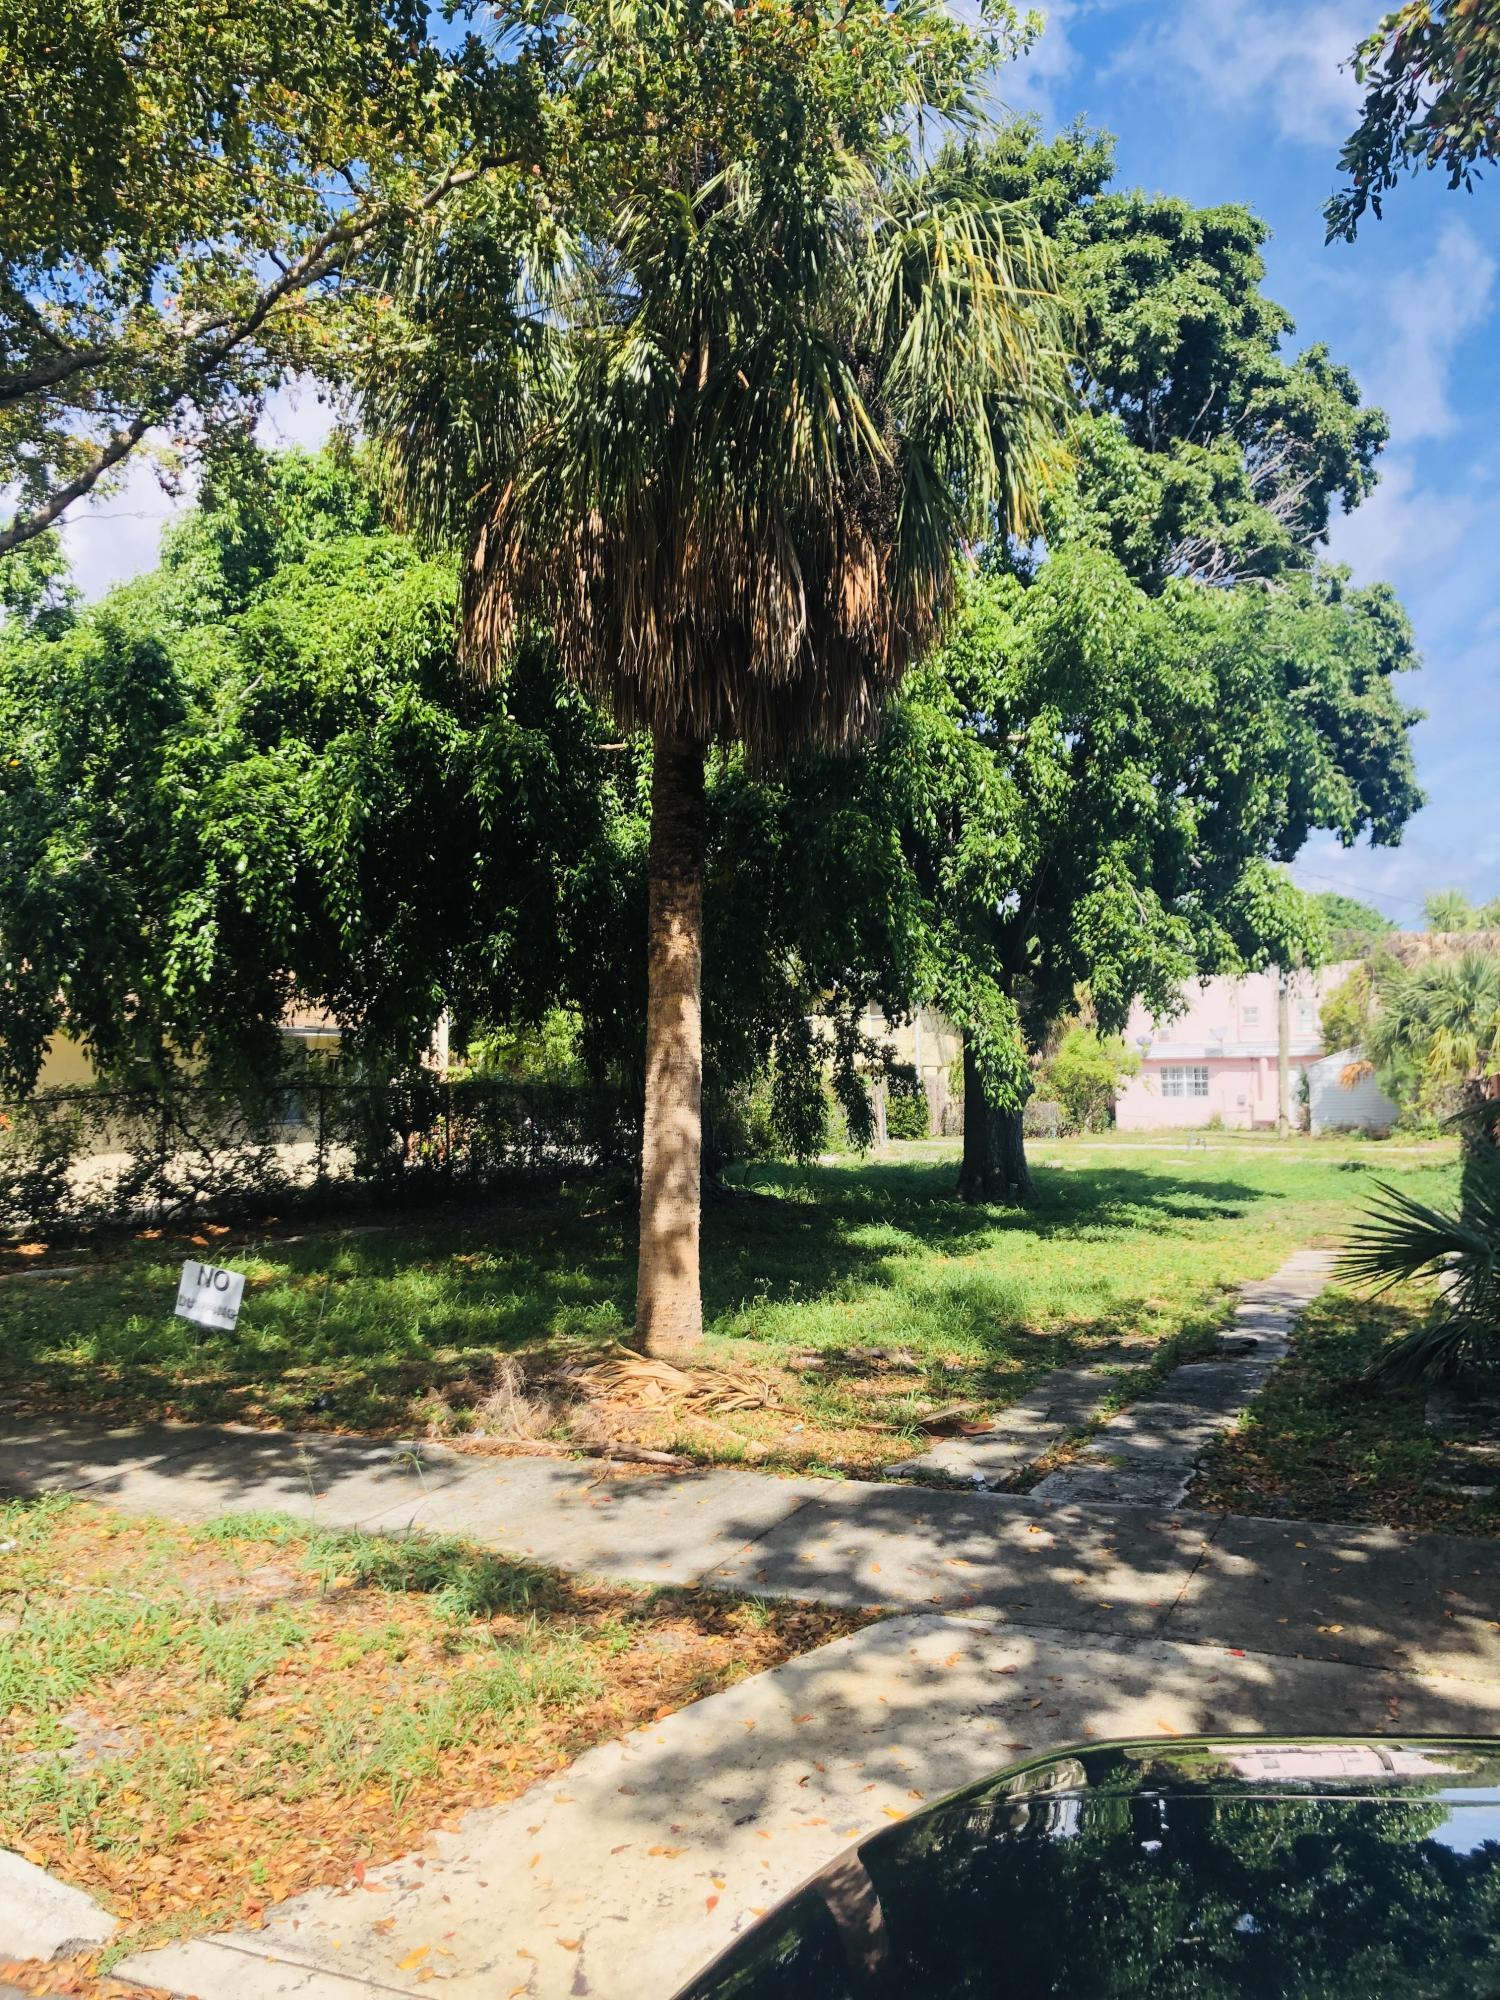 435 8th Street A West Palm Beach, FL 33401